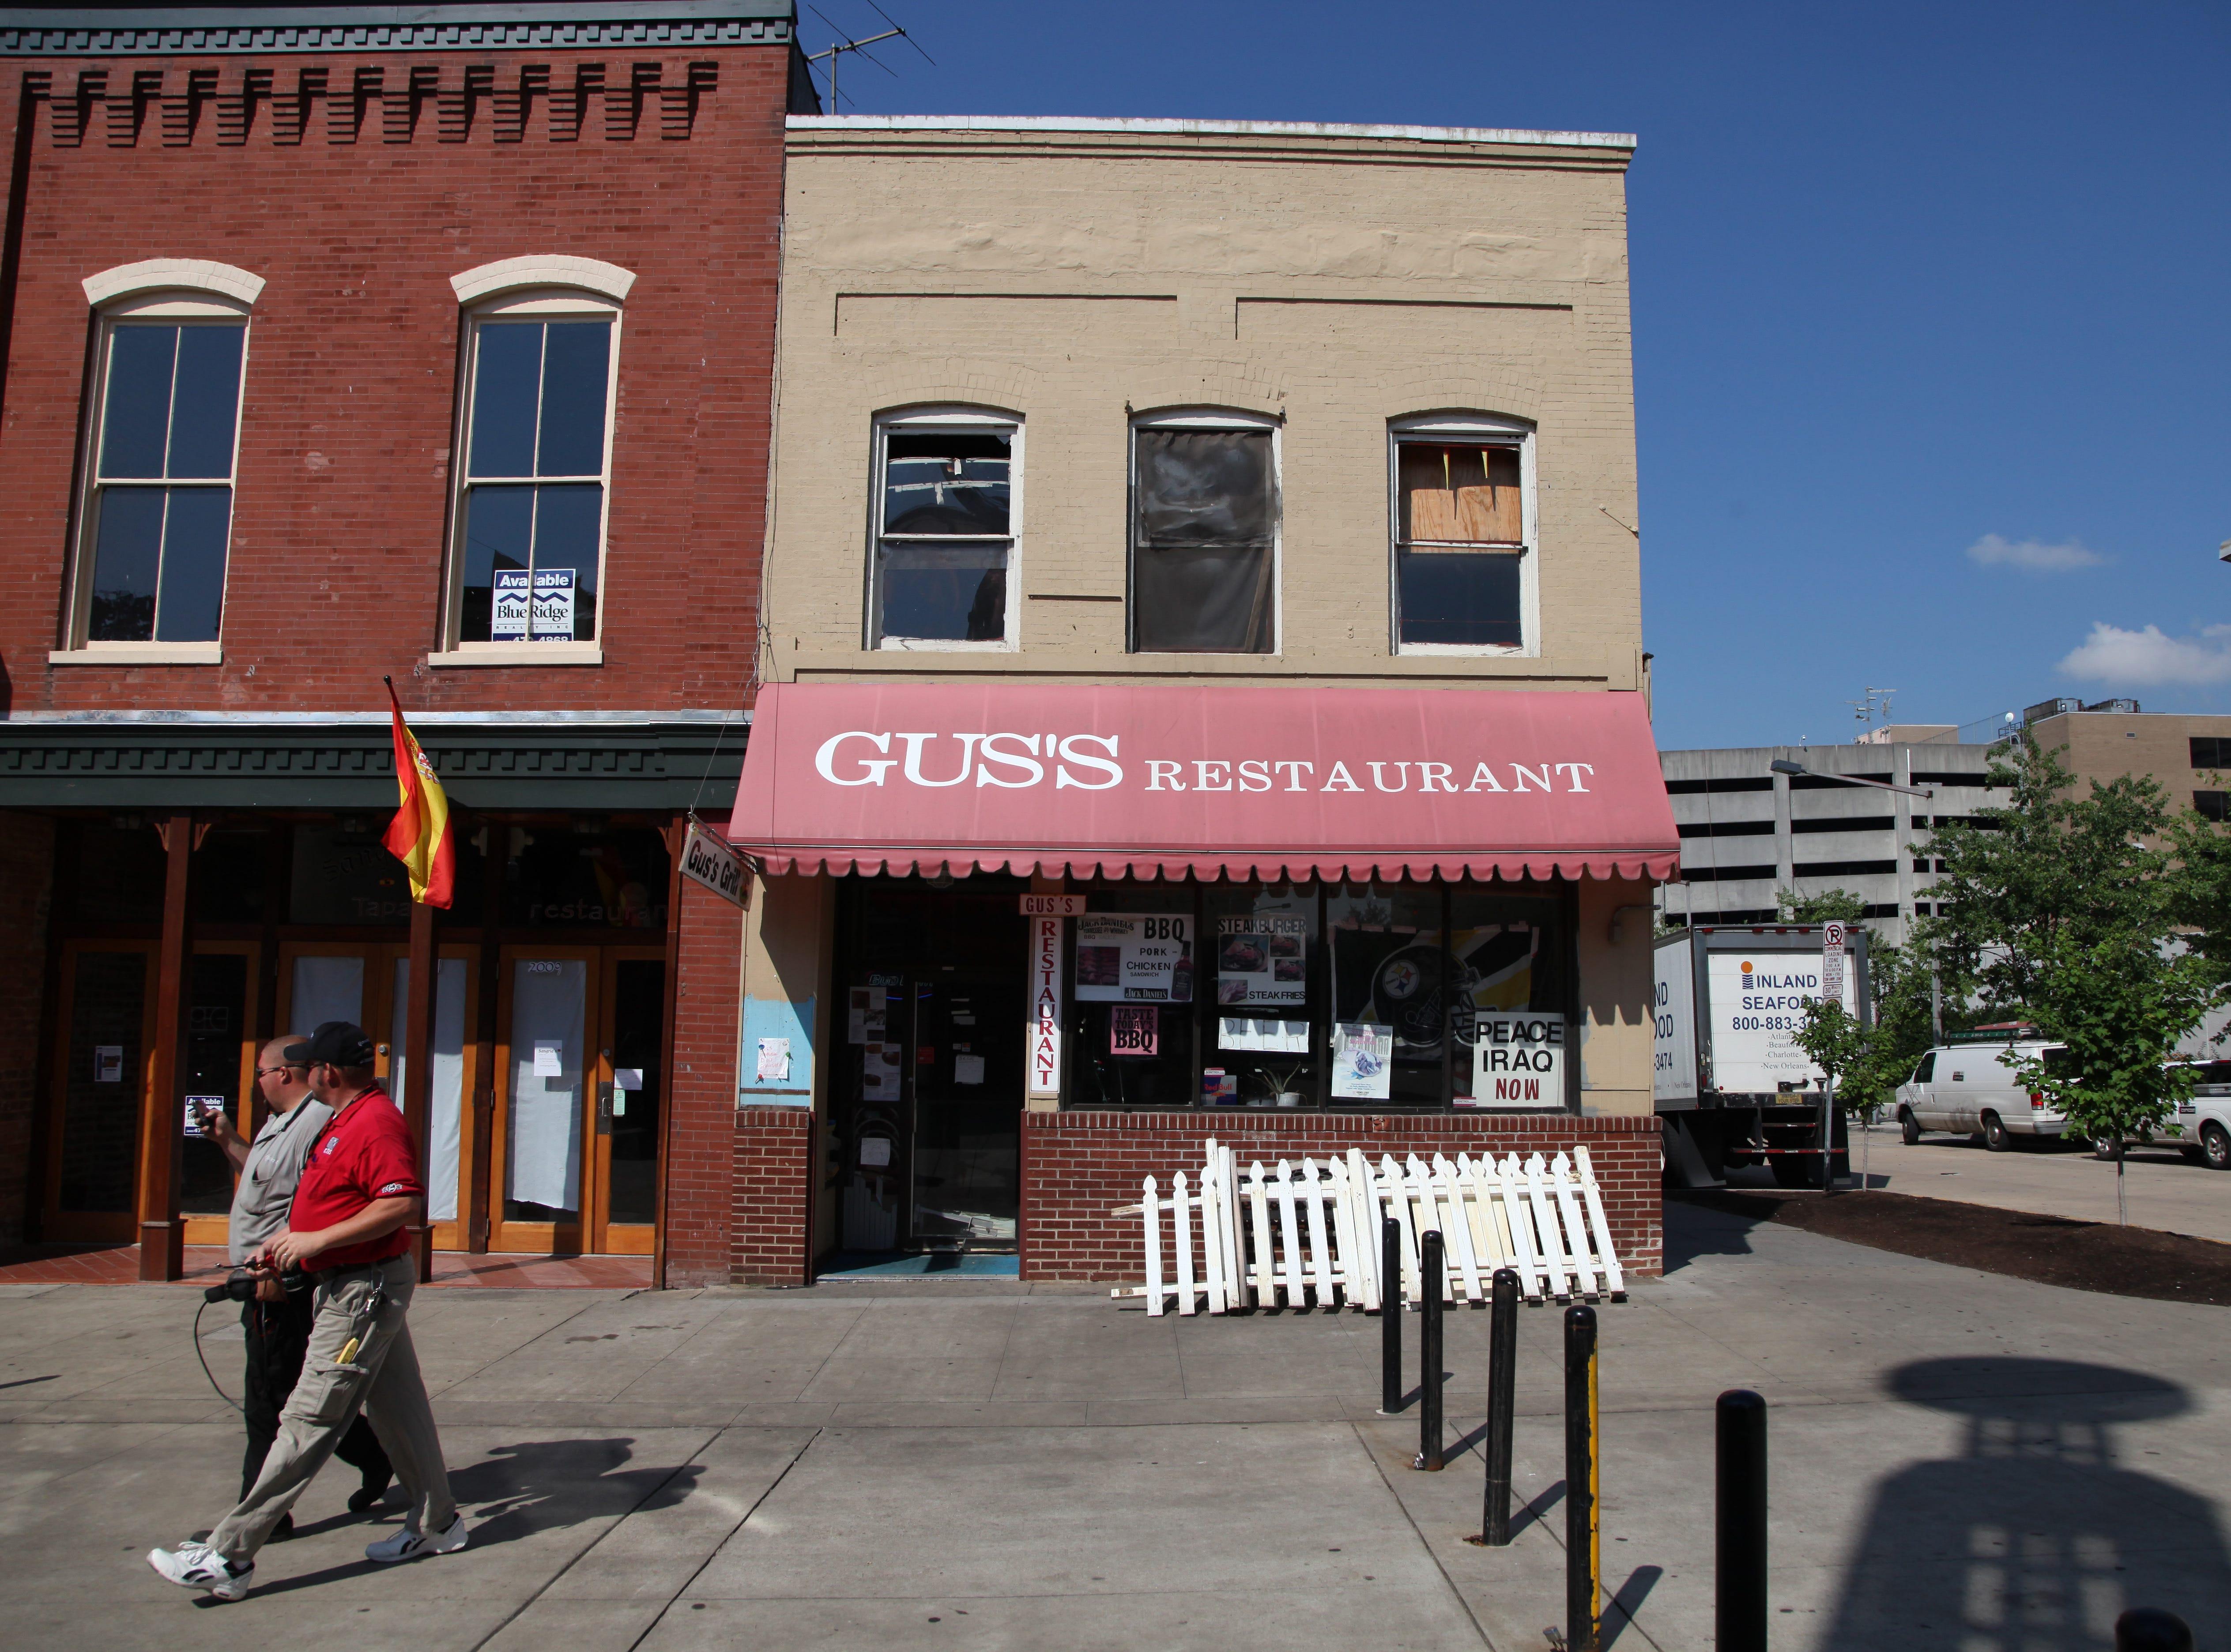 Gus's restaurant on Market Square.